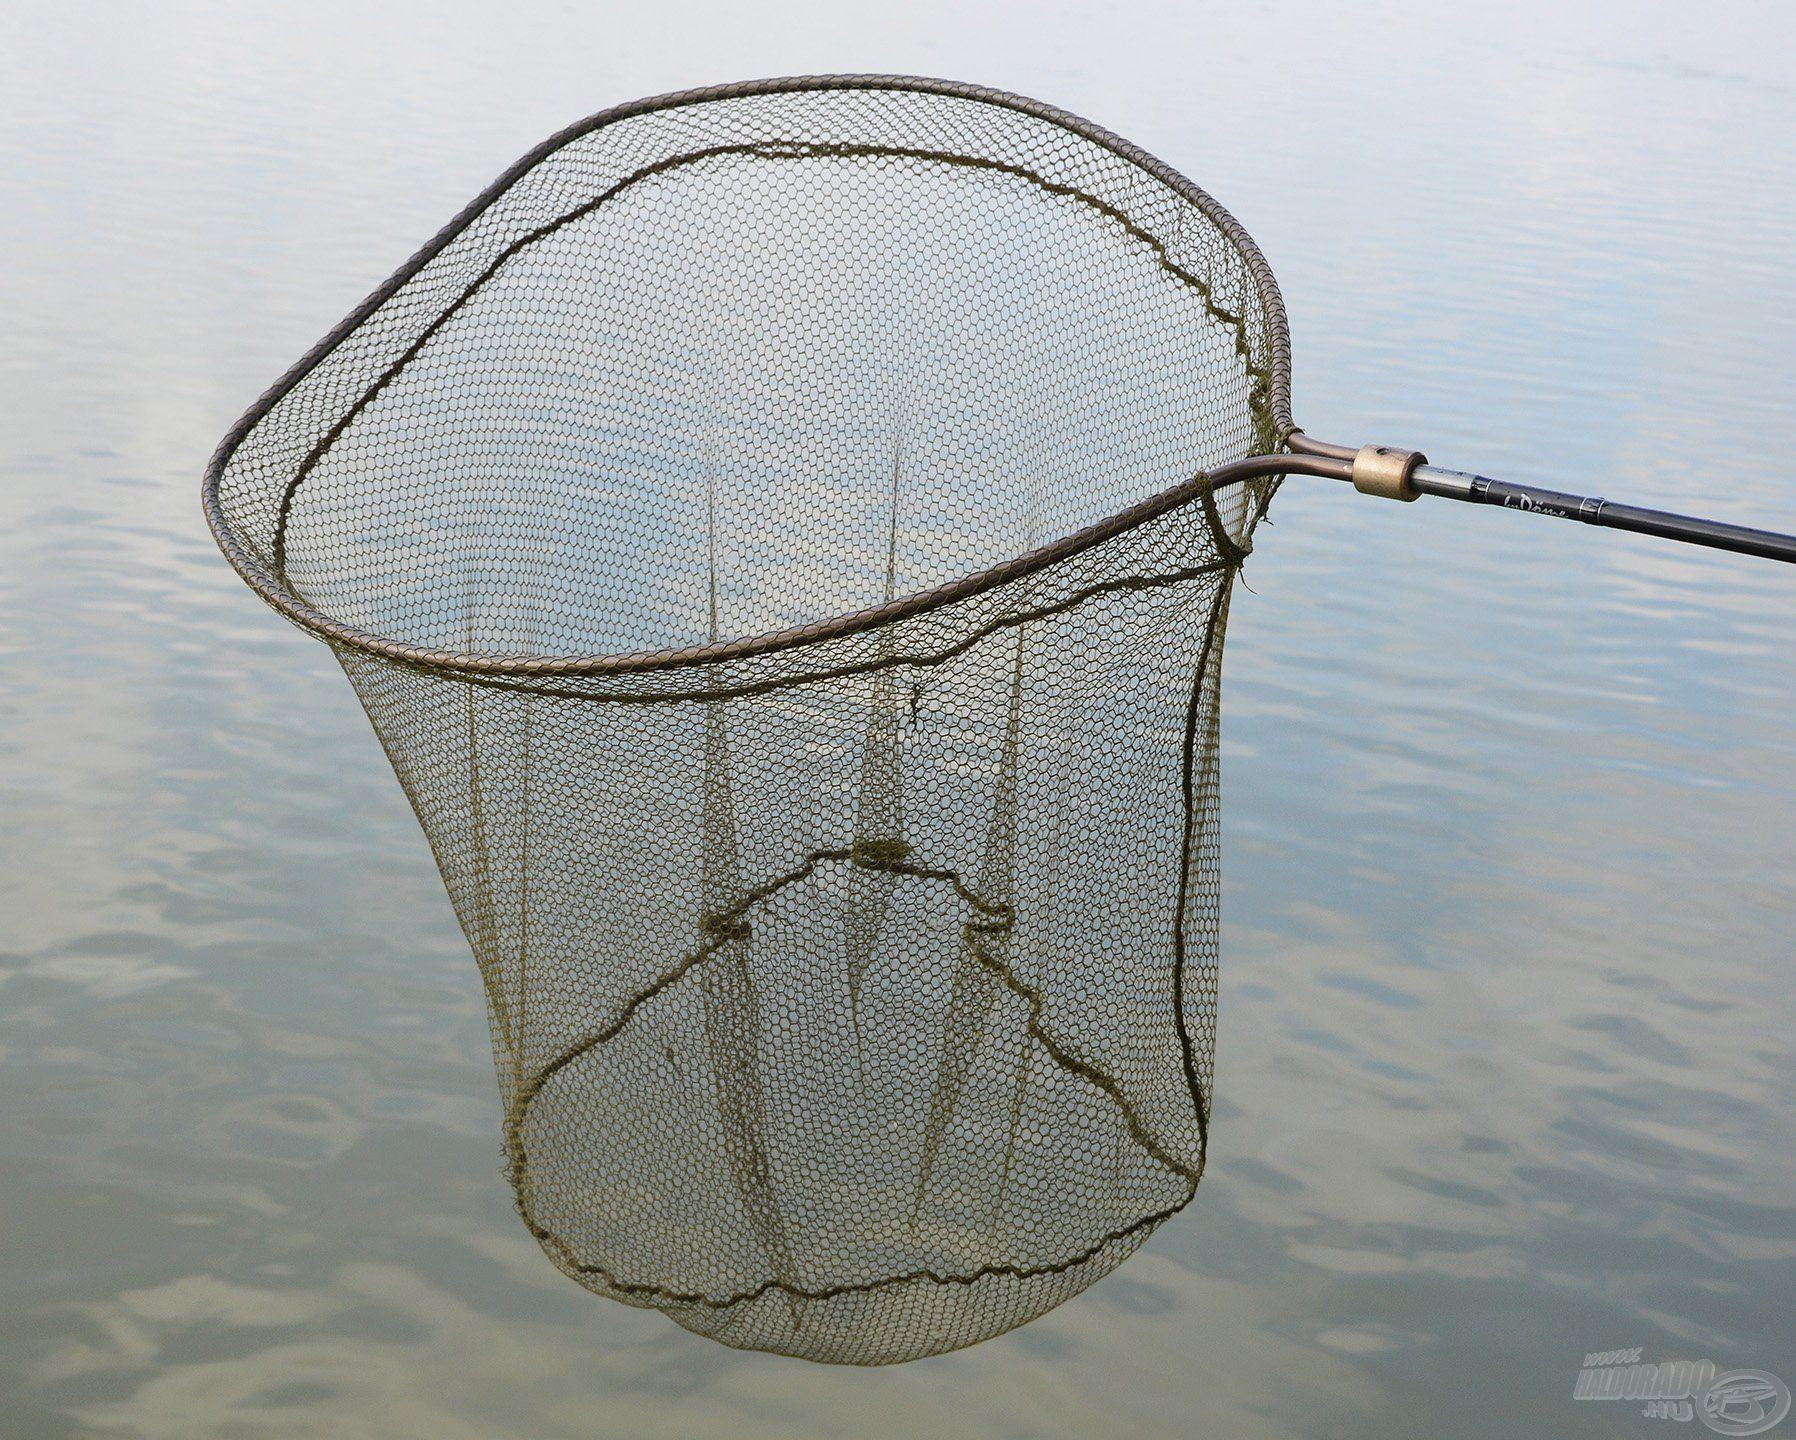 Amennyiben igazán kapitális halakra pályázunk, akkor ilyen gigantikus méretű fejben érdemes gondolkodni